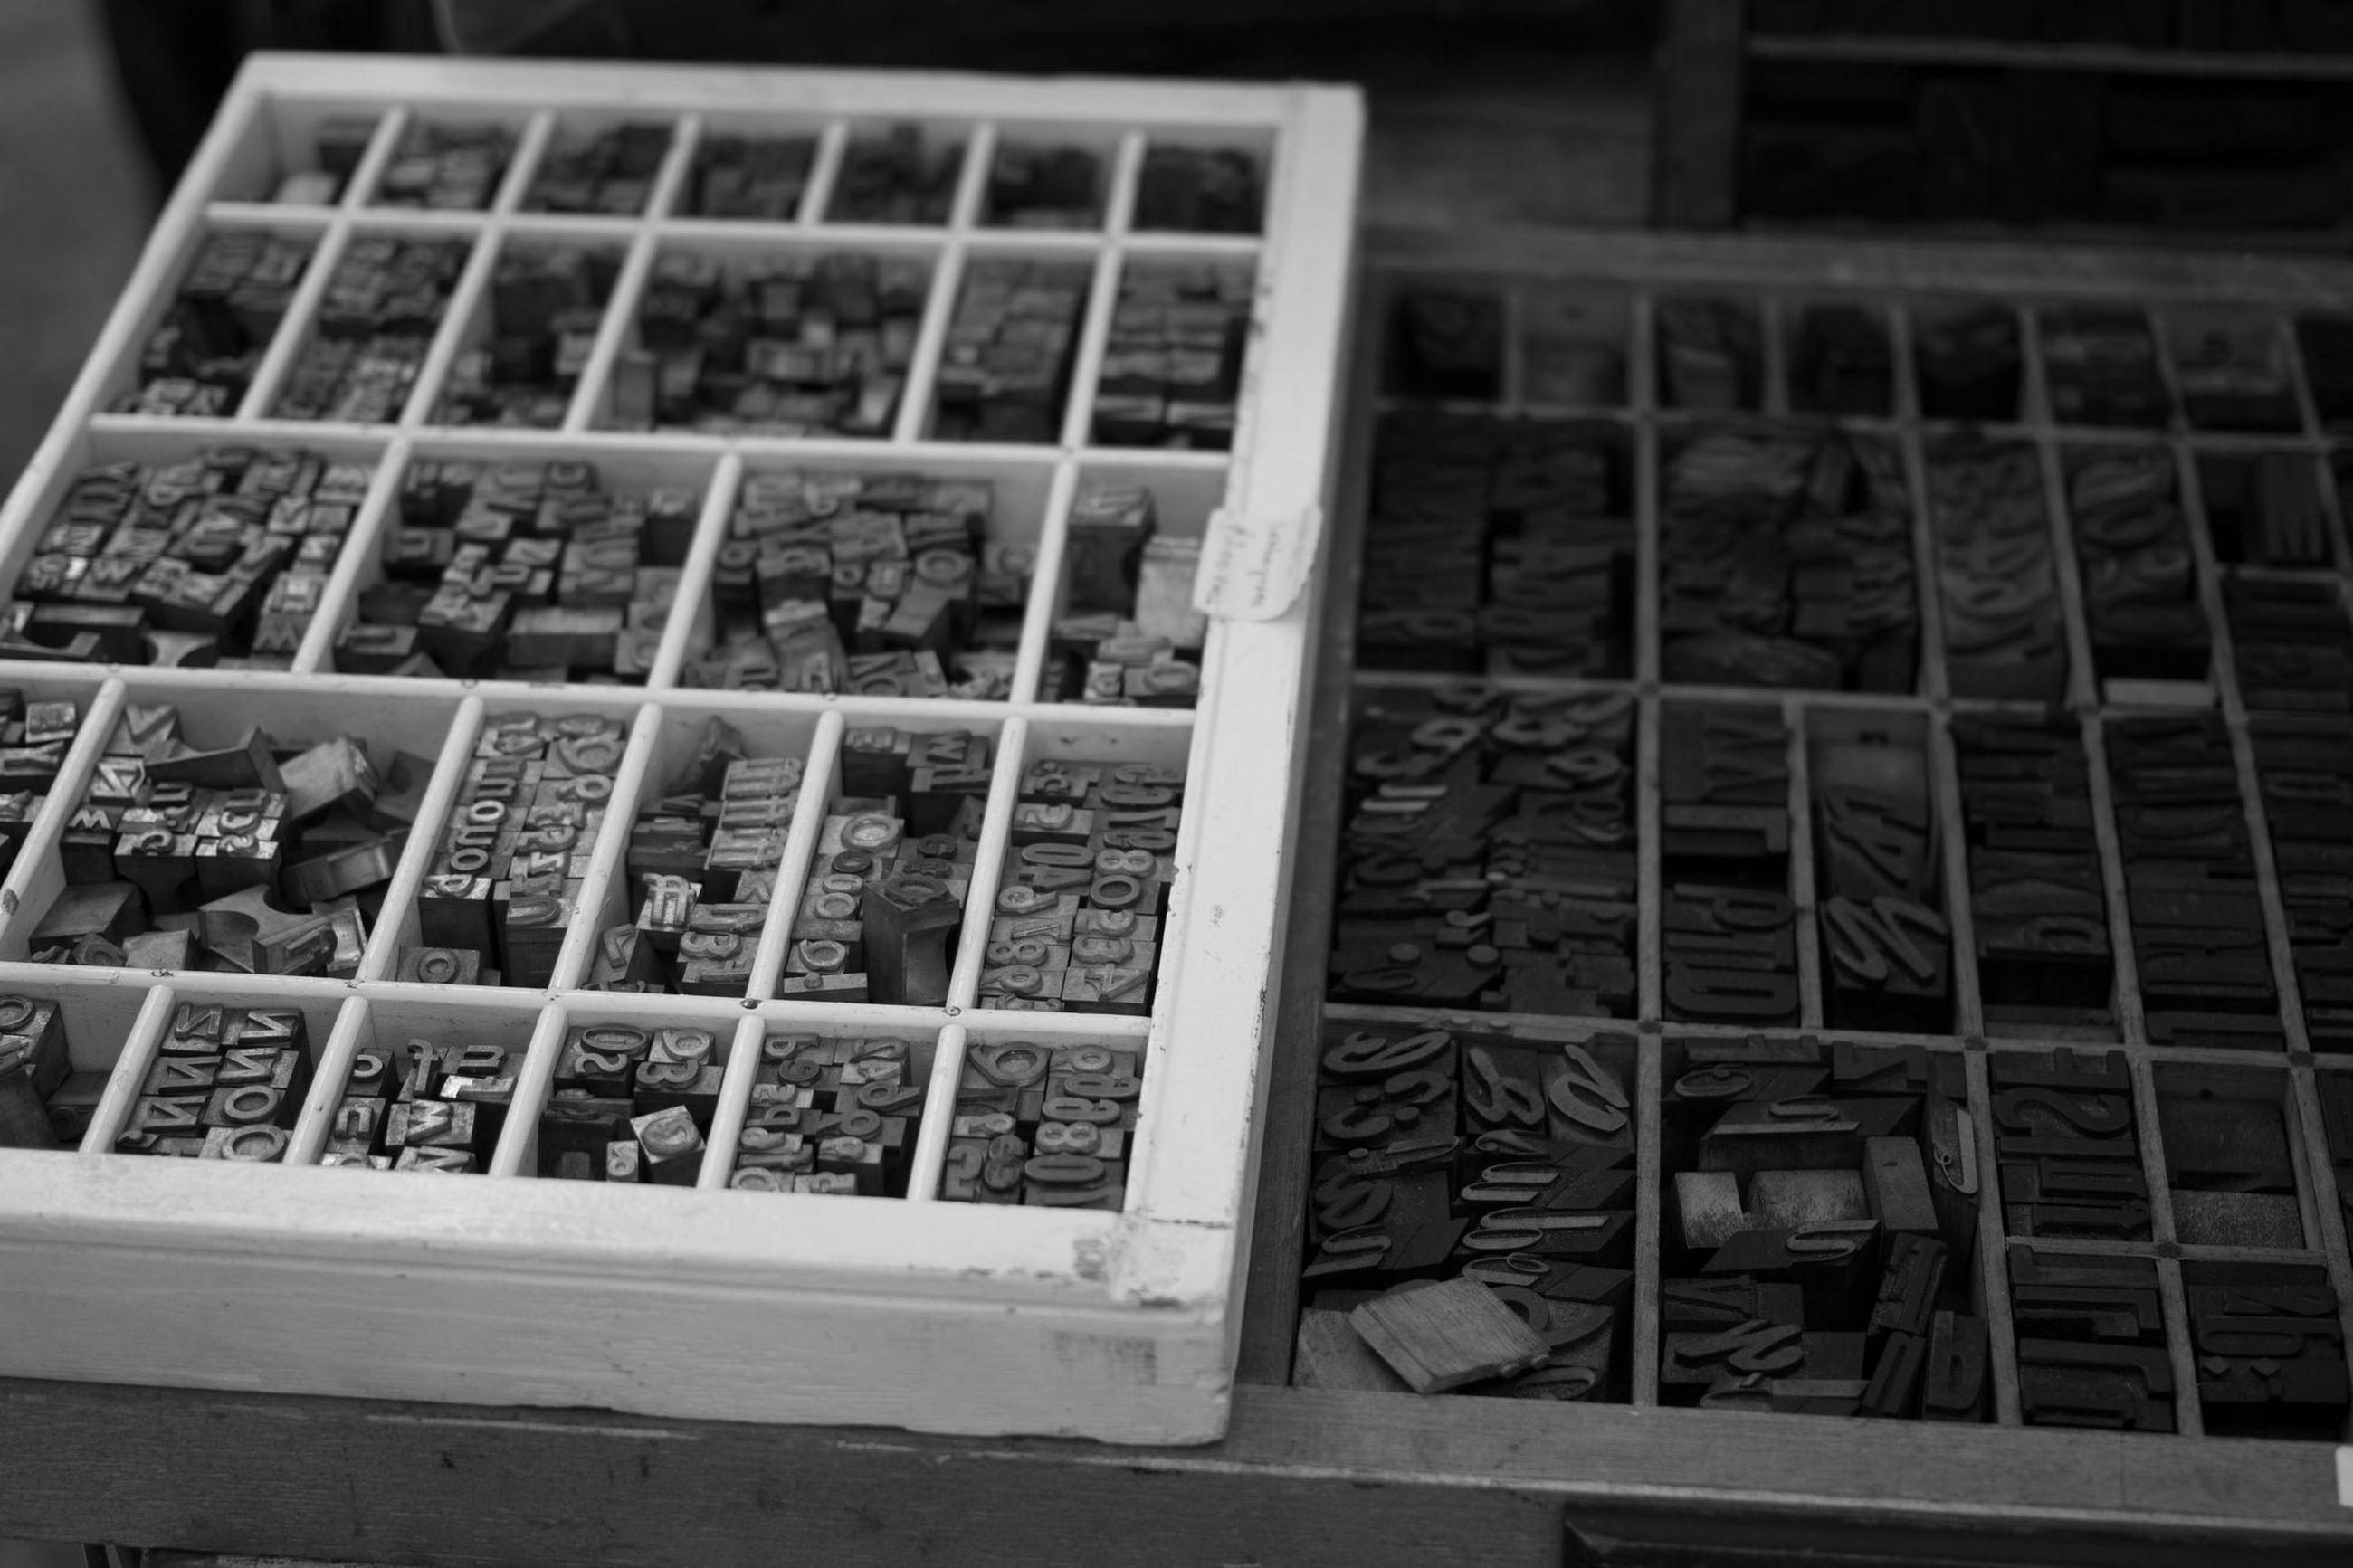 High angle view of printing blocks